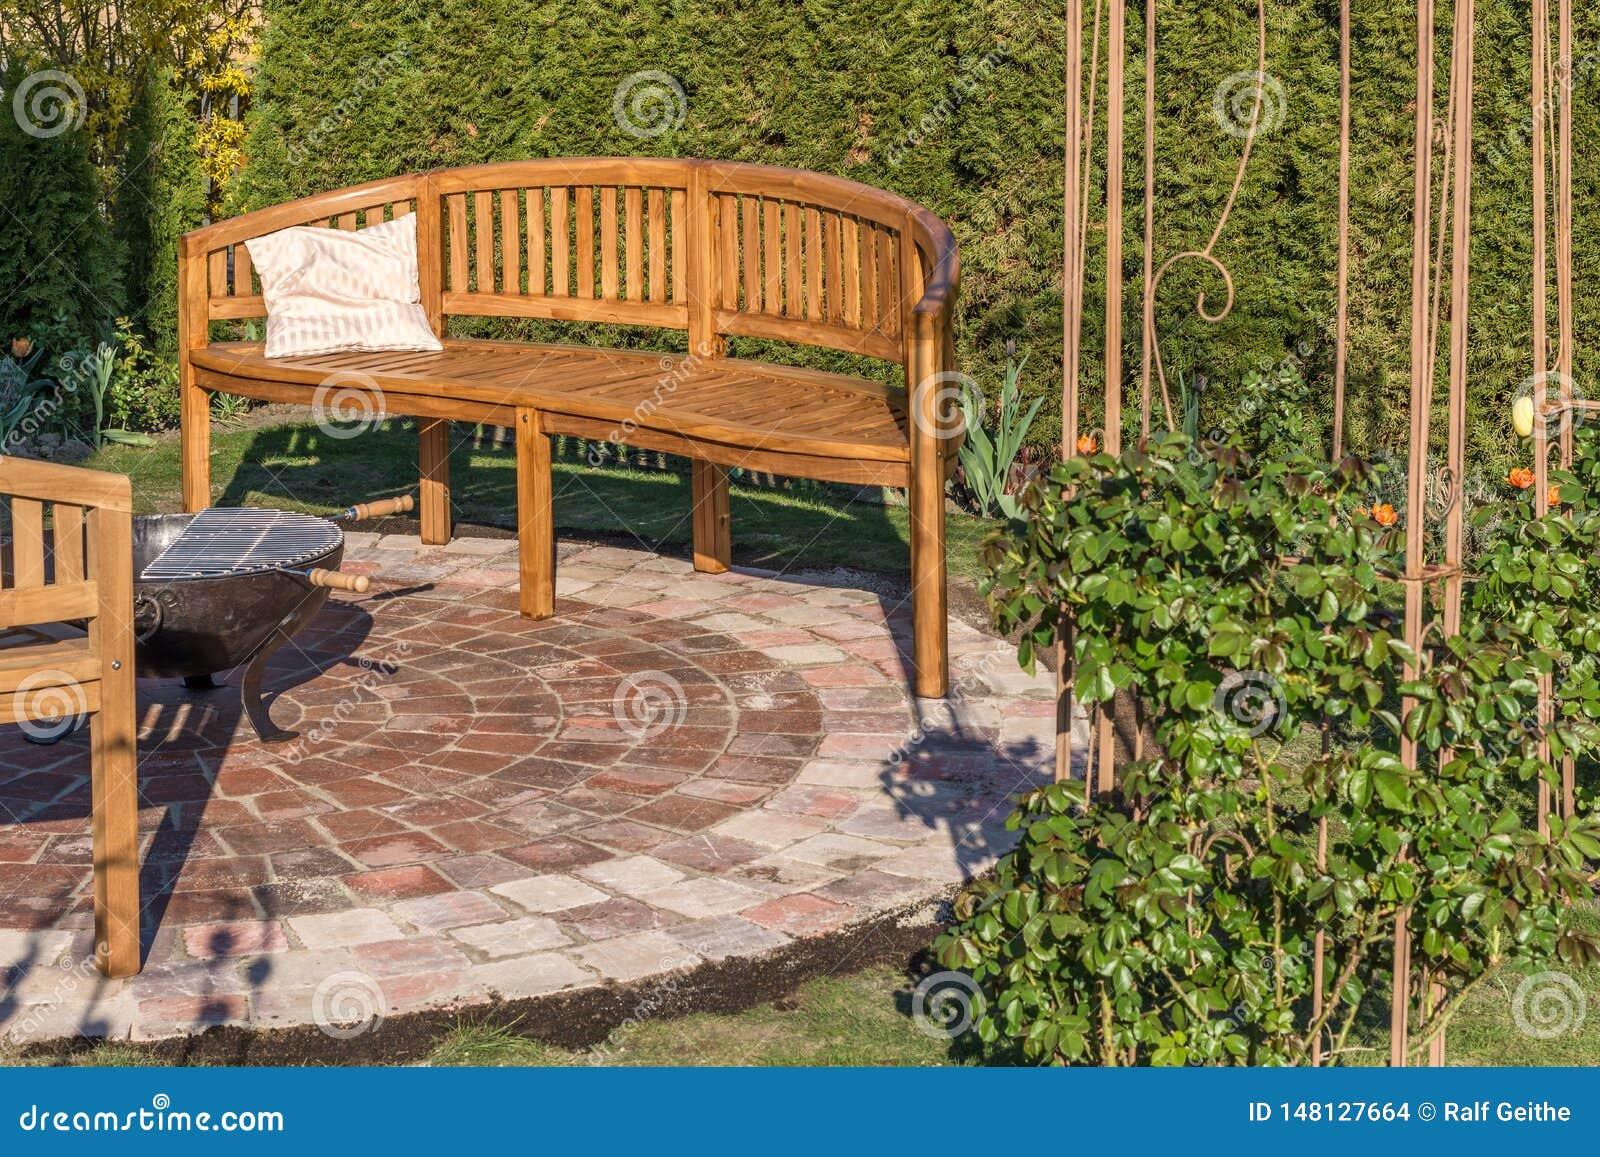 Jardim Lovingly projetado com círculo de pedra, os bancos de madeira e a bacia de fogo